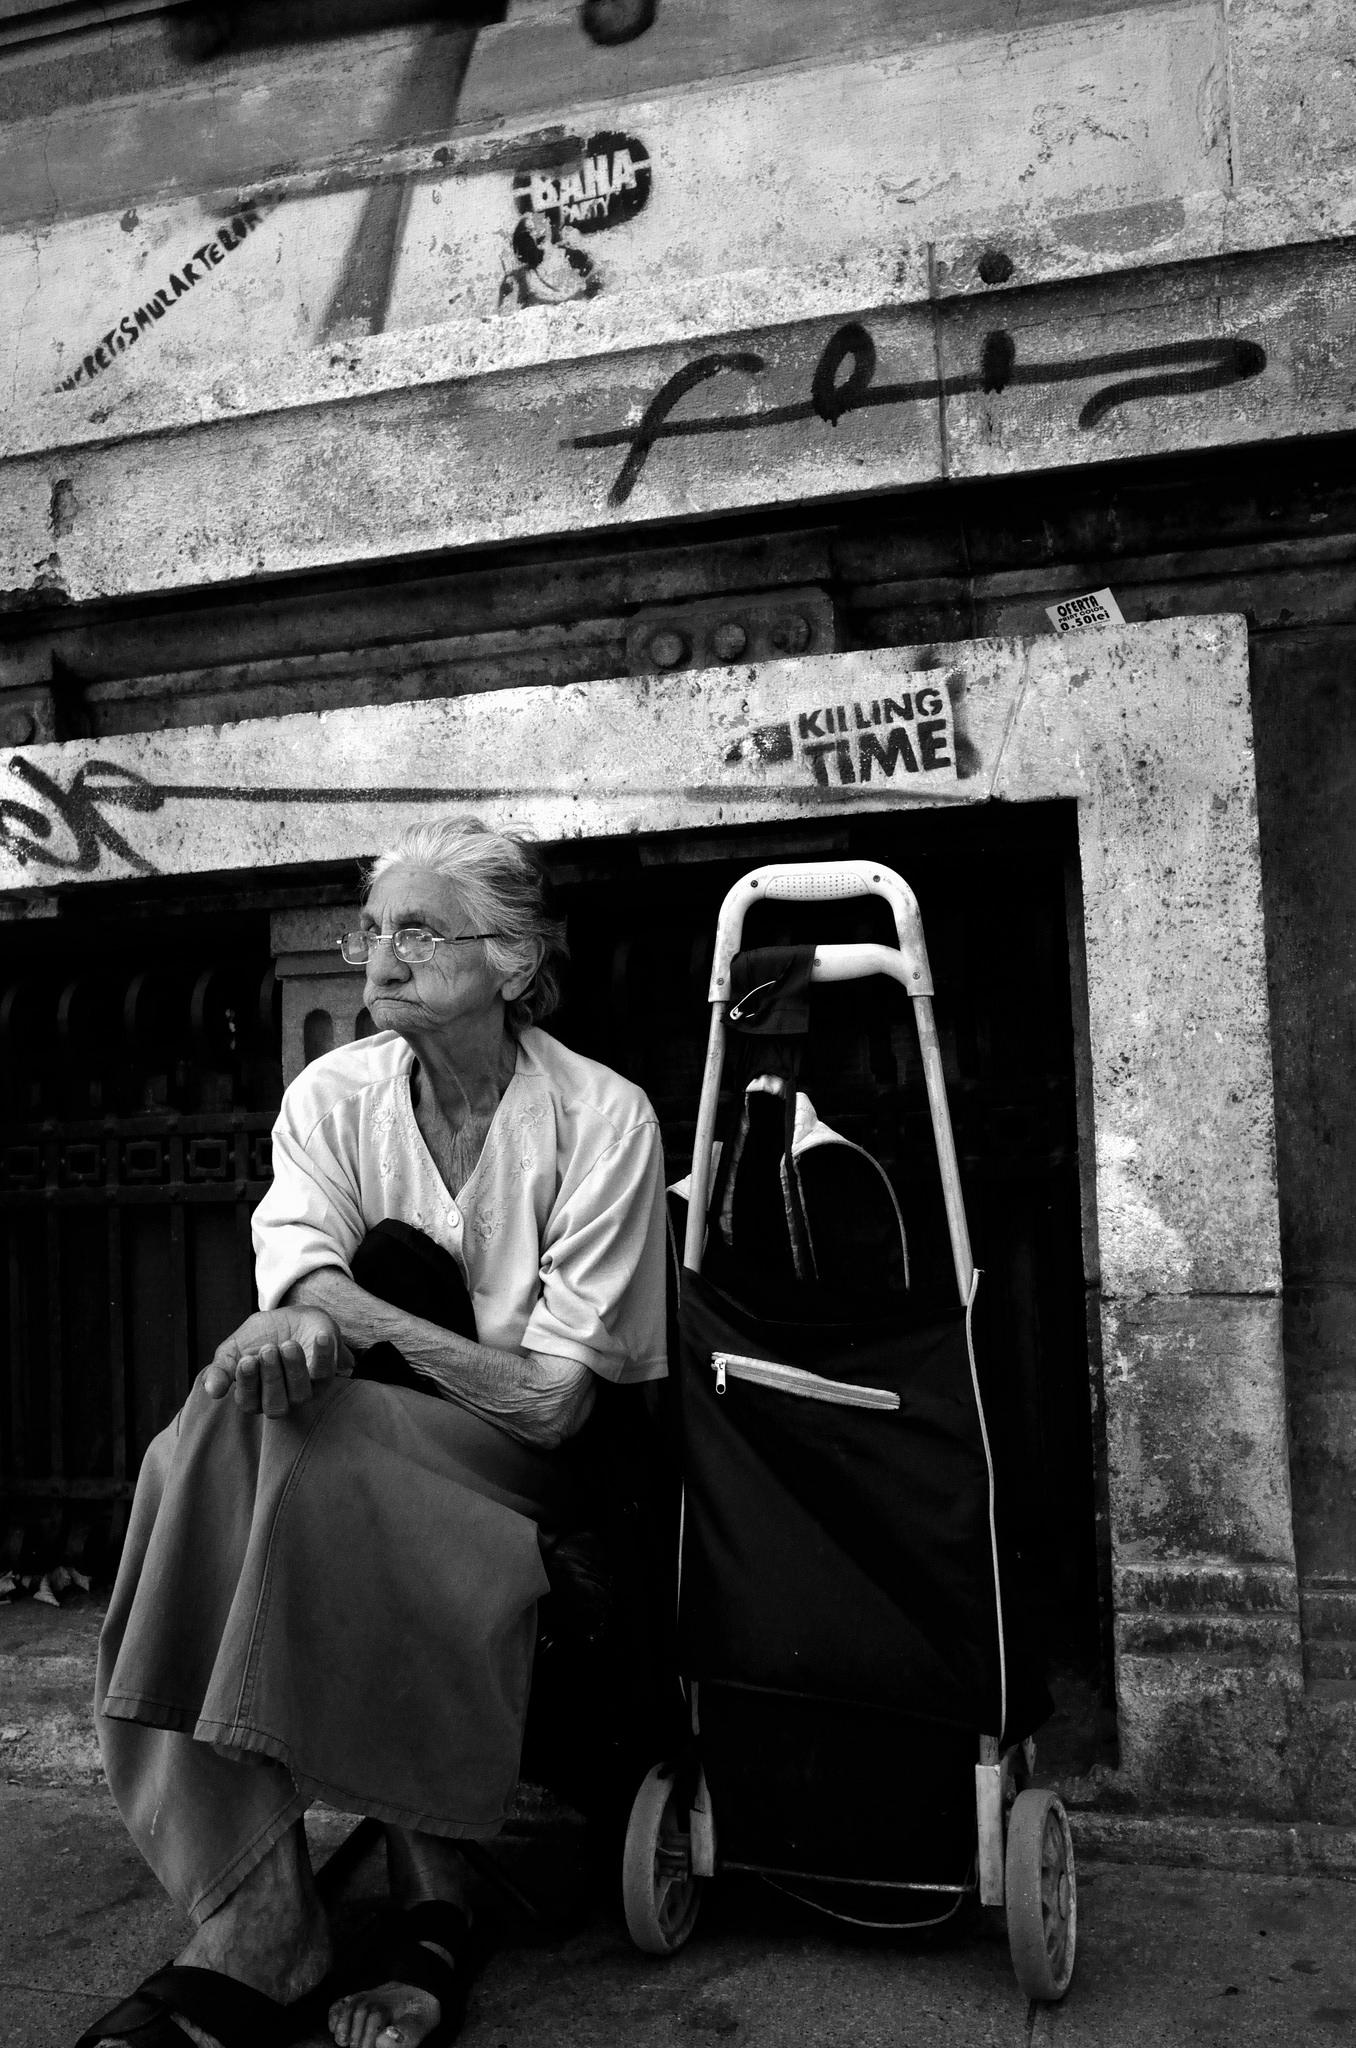 Seorang wanita mengemis di jalanan di Bucharest, Rumania. Di Rumania, para lansia yang tidak memiliki keluarga memiliki kehidupan yang benar-benar sulit. Pemerintah memberikan bantuan kecil sehingga tidak ada banyak pilihan selain mengemis untuk bertahan hidup. Flickr - Jake Stimpson.